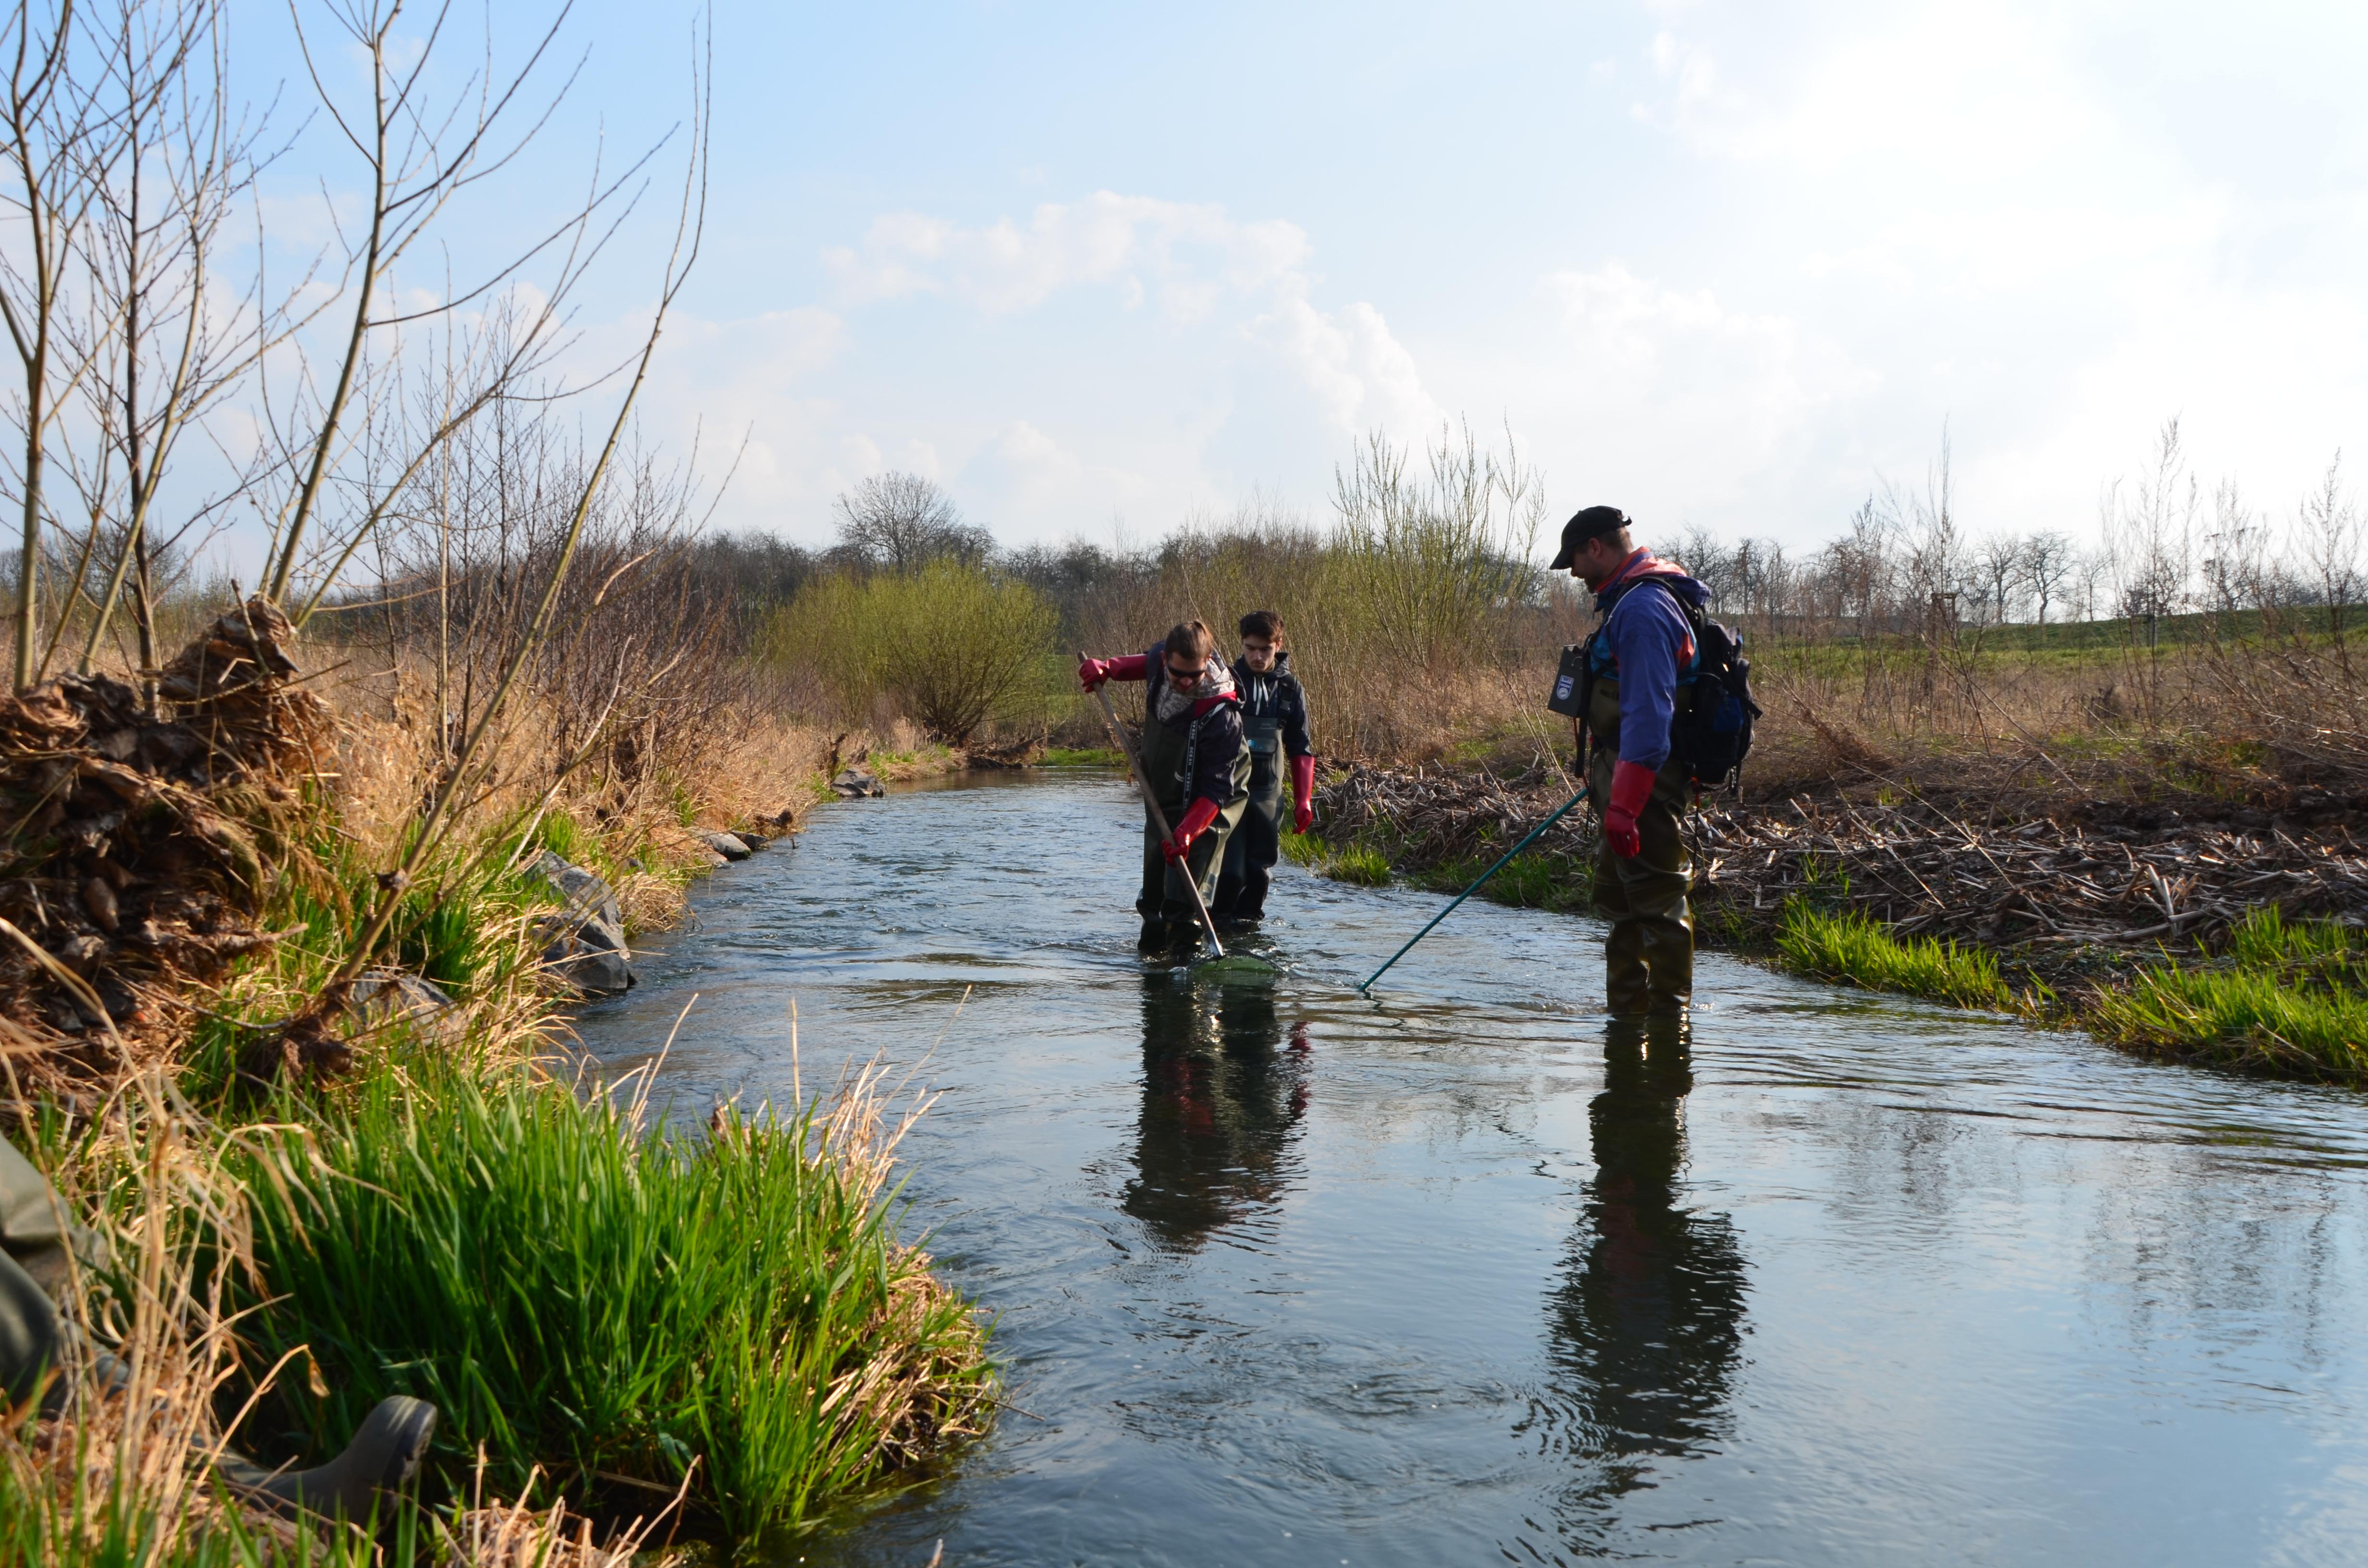 Foto mit drei Personen, die in der Helme stehend Elektrobefischungen durchführen.